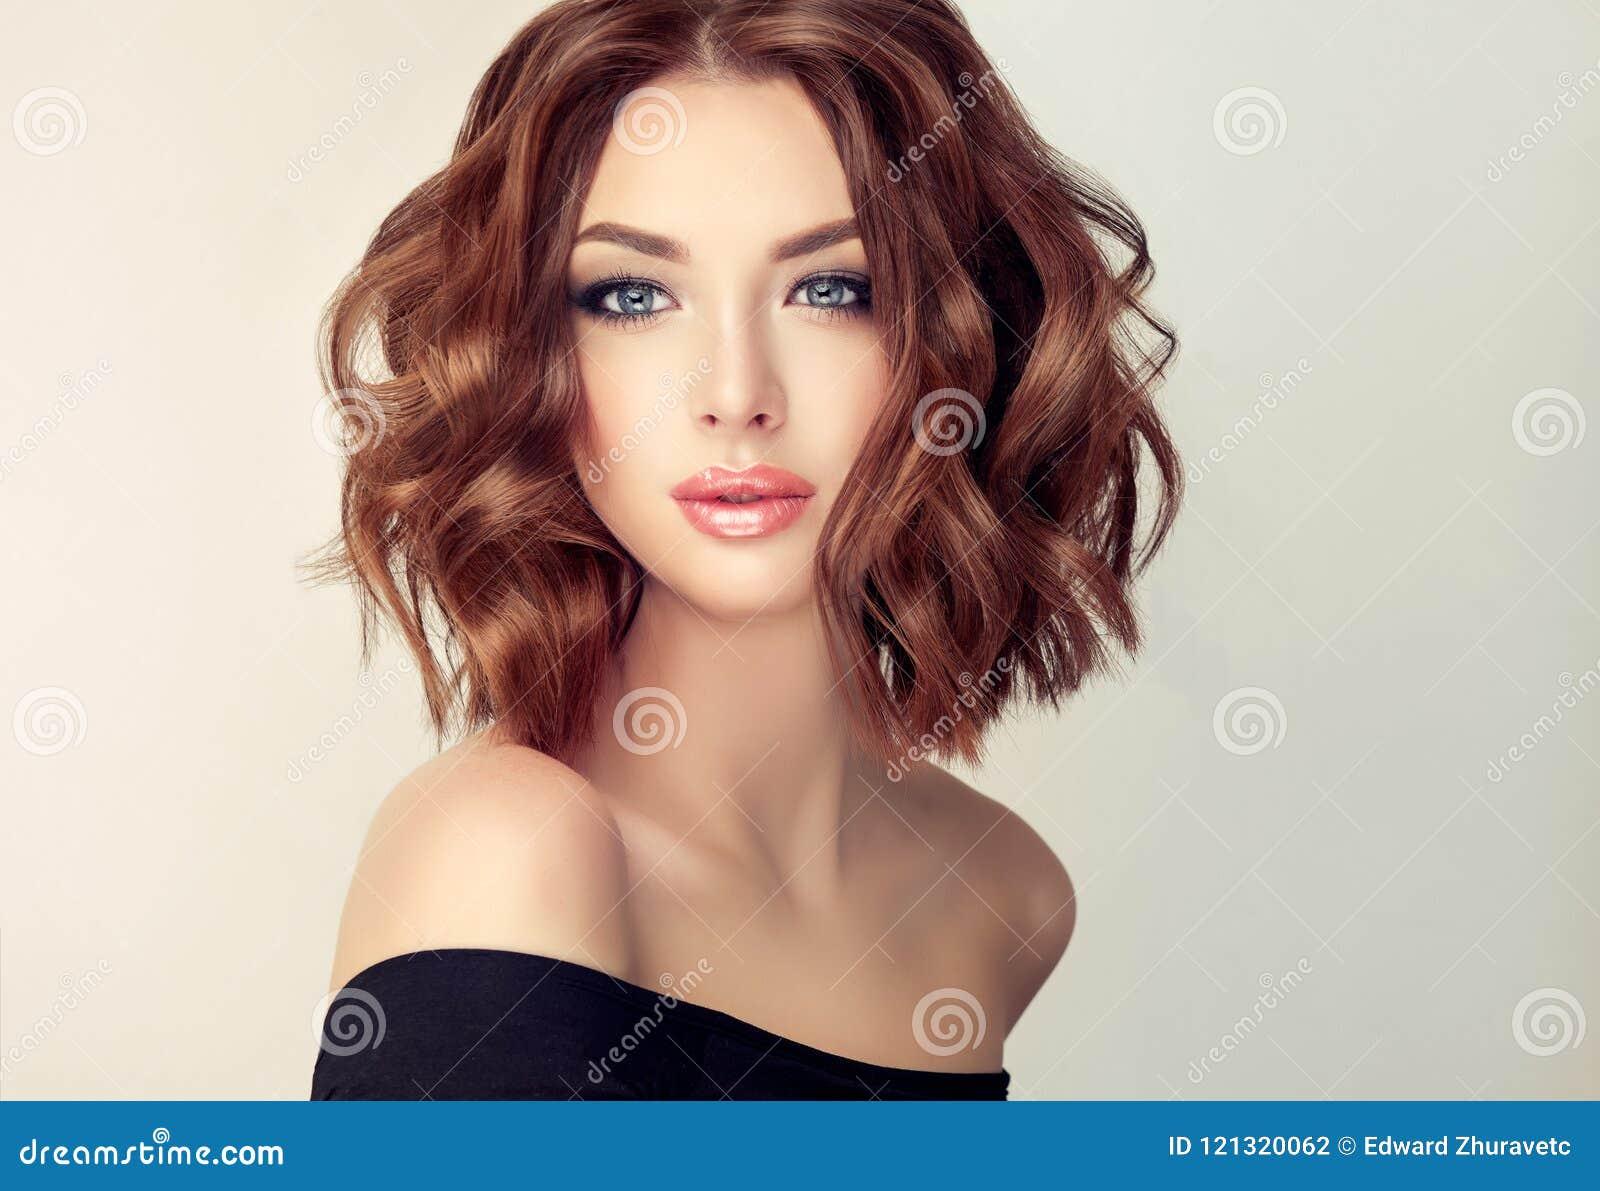 Молодая и привлекательная коричневая с волосами женщина с современным, ультрамодным и элегантным стилем причёсок